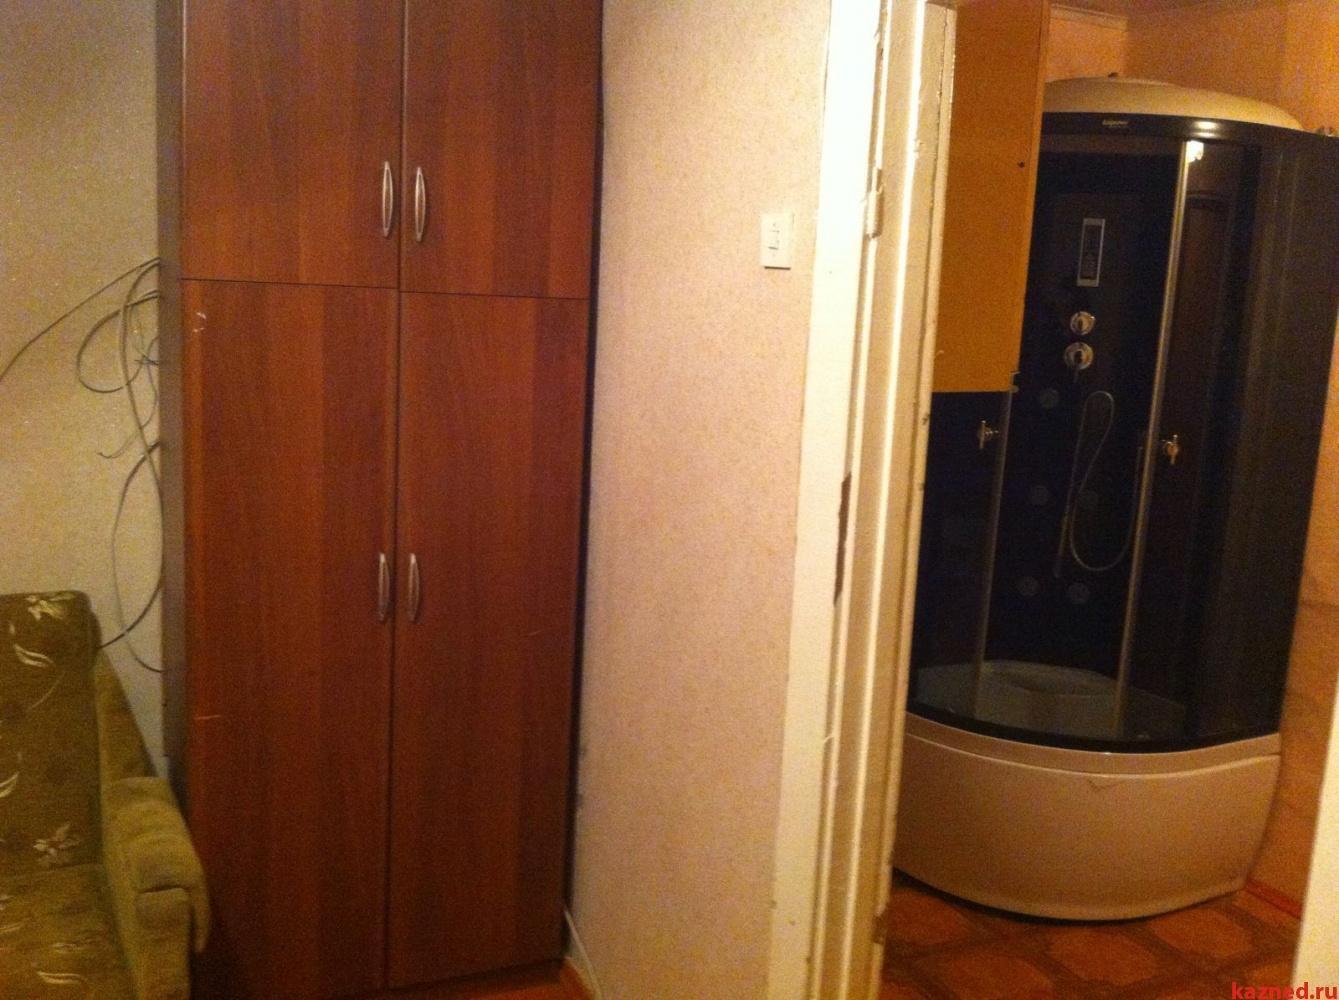 Продажа 1-к квартиры Беломорская ул, 81, 19 м²  (миниатюра №3)